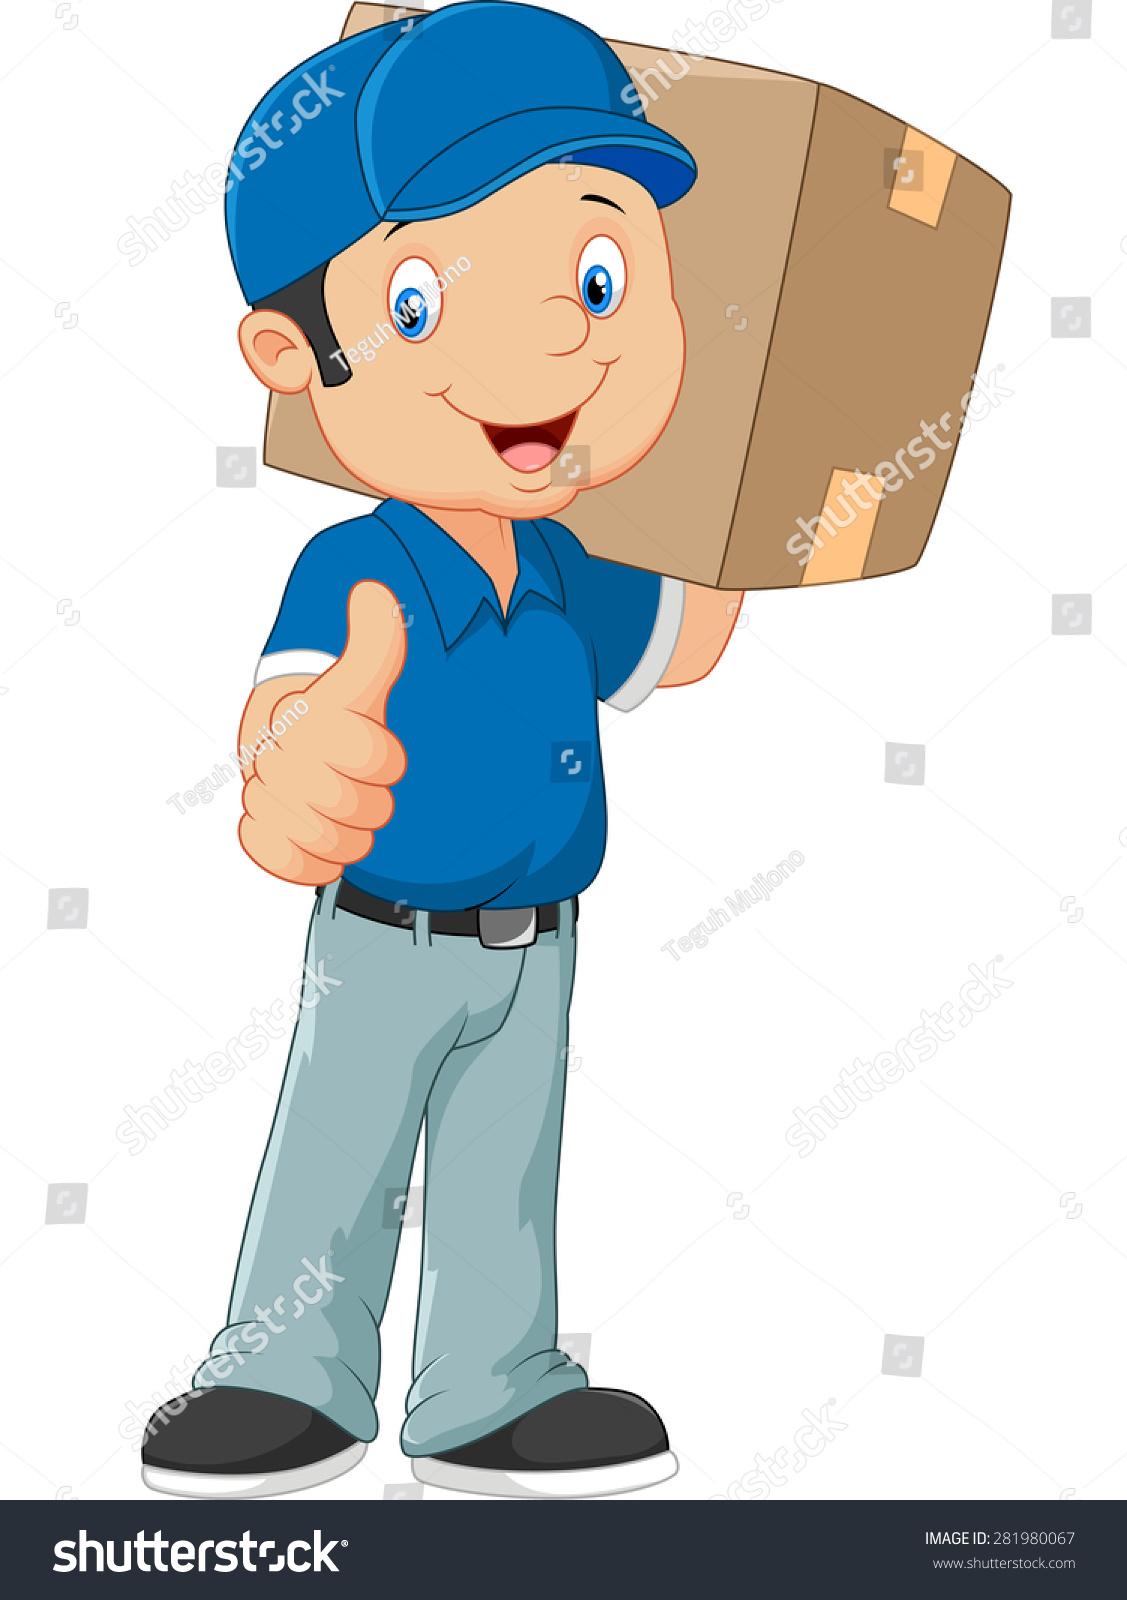 卡通邮递员给伸出大拇指-物体,人物-海洛创意(hellorf